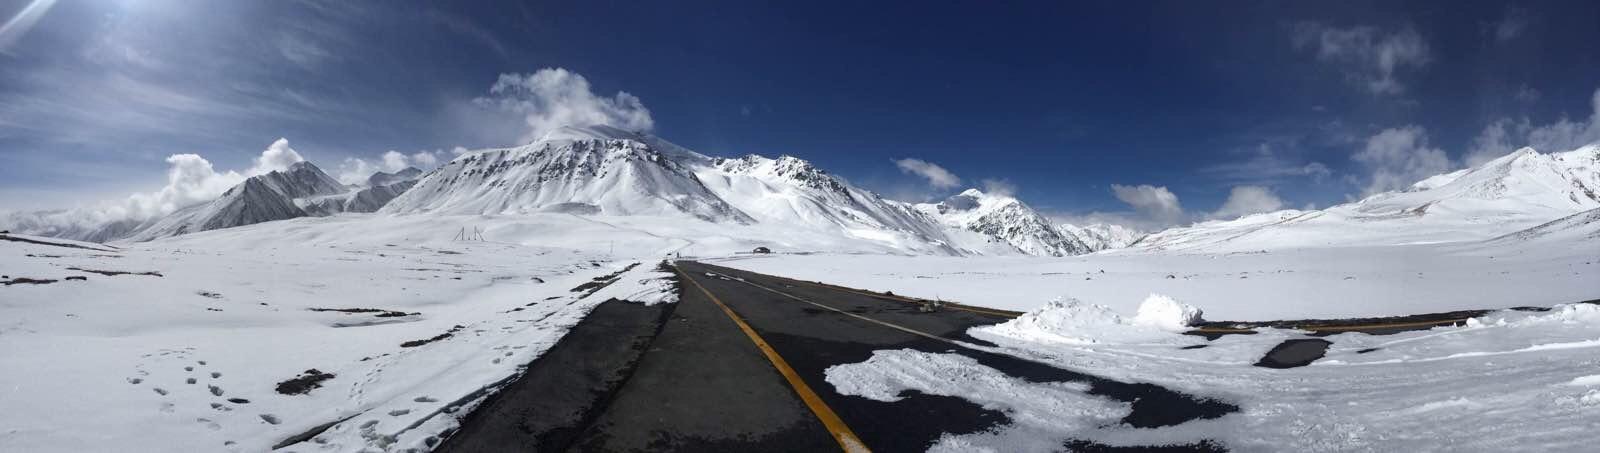 万山堆积雪,积雪压万山——中巴口岸红其拉甫